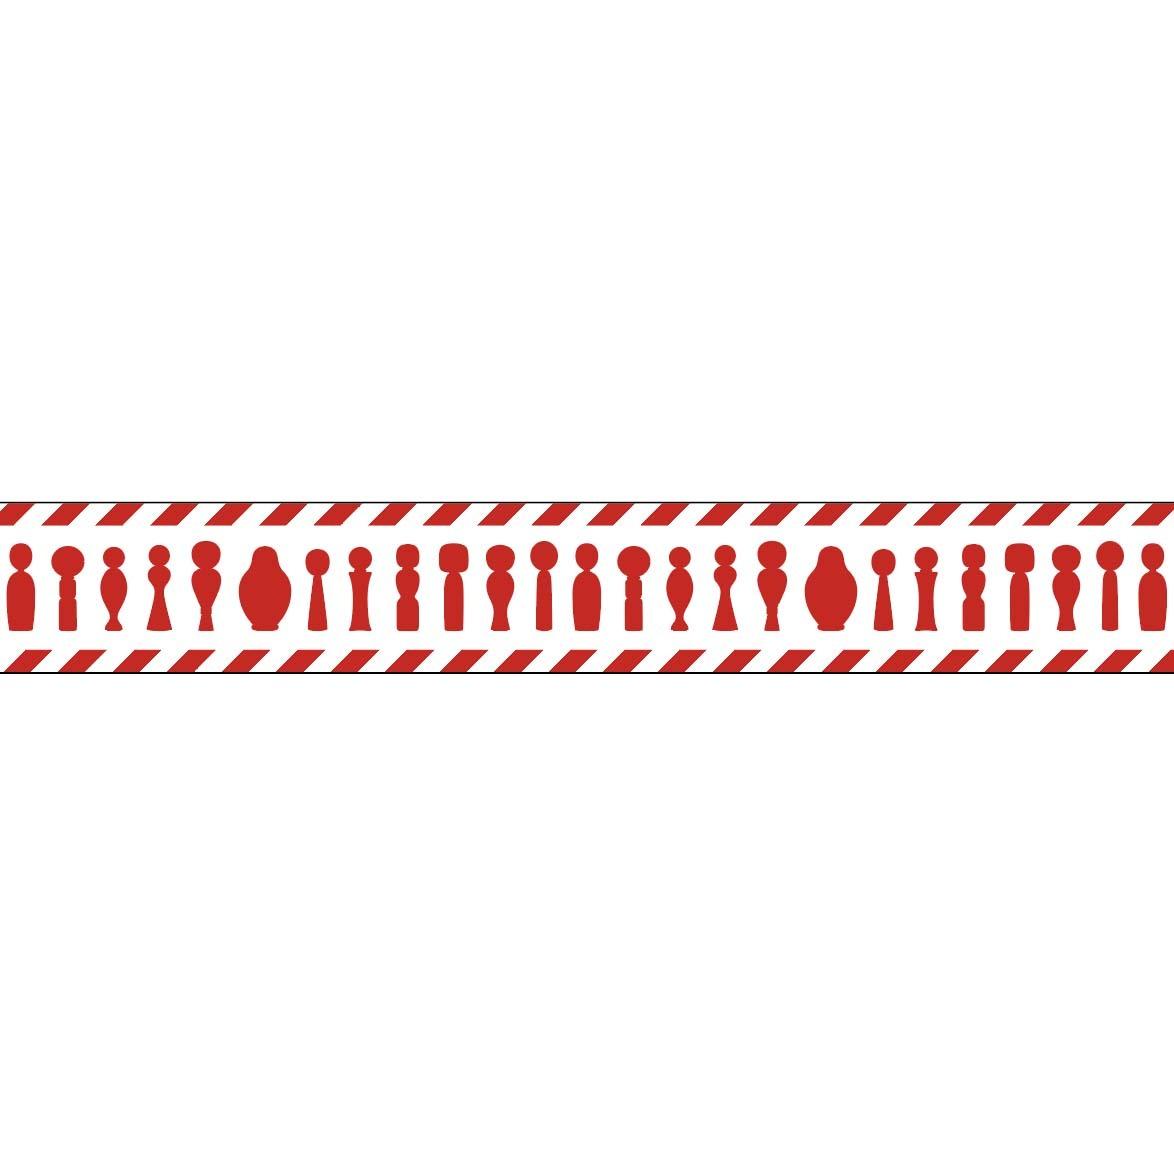 マスキングテープ(コケストライプ ロシアンレッド)